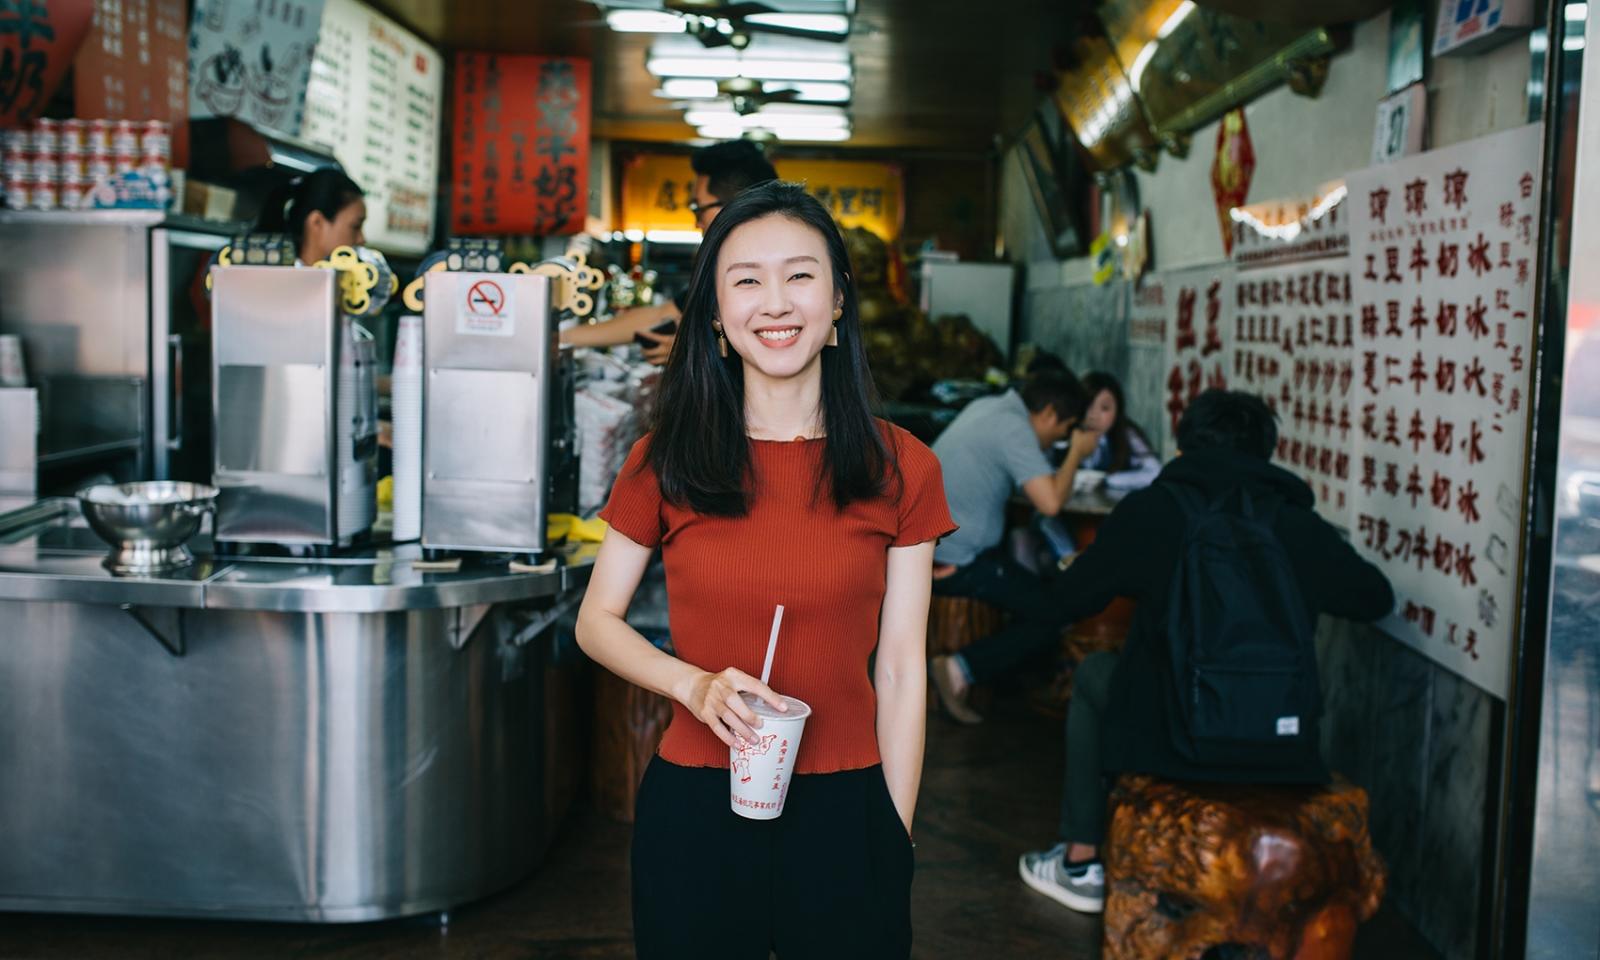 【高雄・愛情宇宙】與城市赤身相對,淺堤依玲:我還沒離開,還有高雄的故事可說